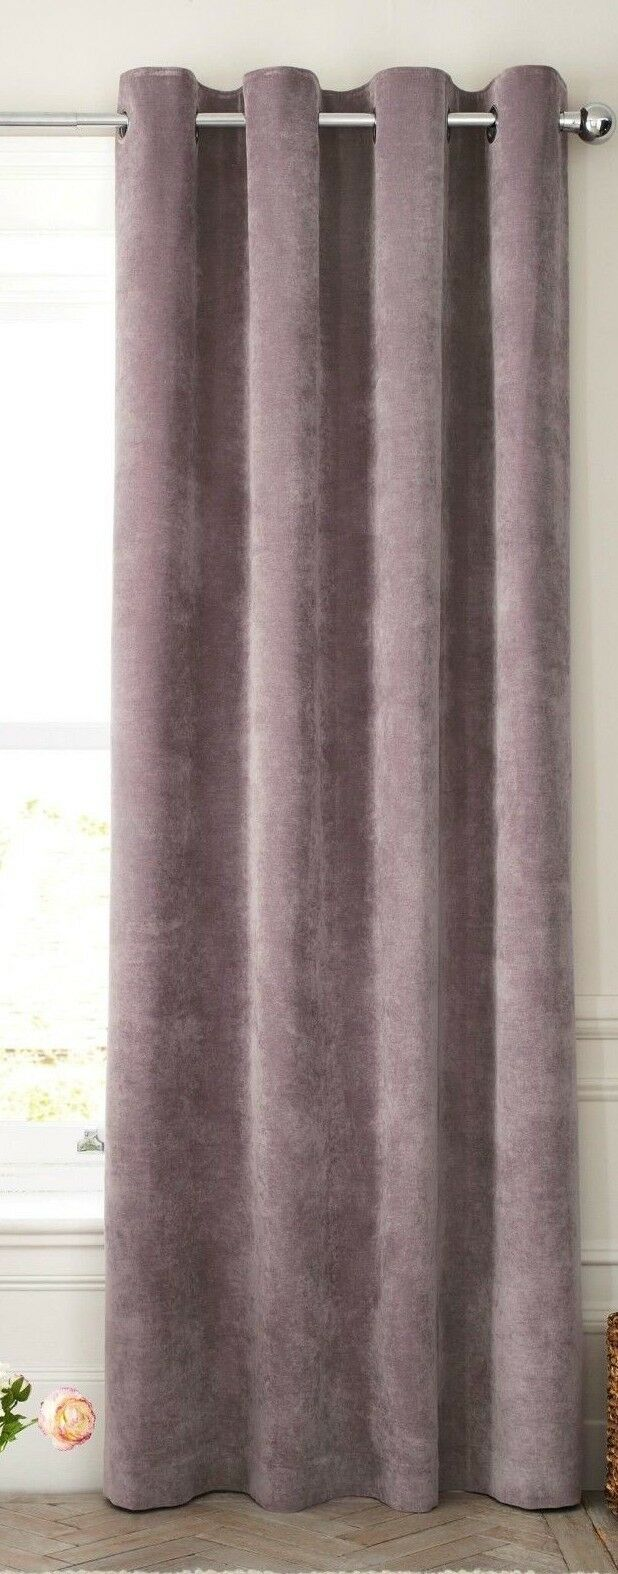 NEXT Mauve Mauve Mauve Soft Velour eyelet Thermal Lined Curtains 228cm(W)x229cm(L) (2) 2ba556